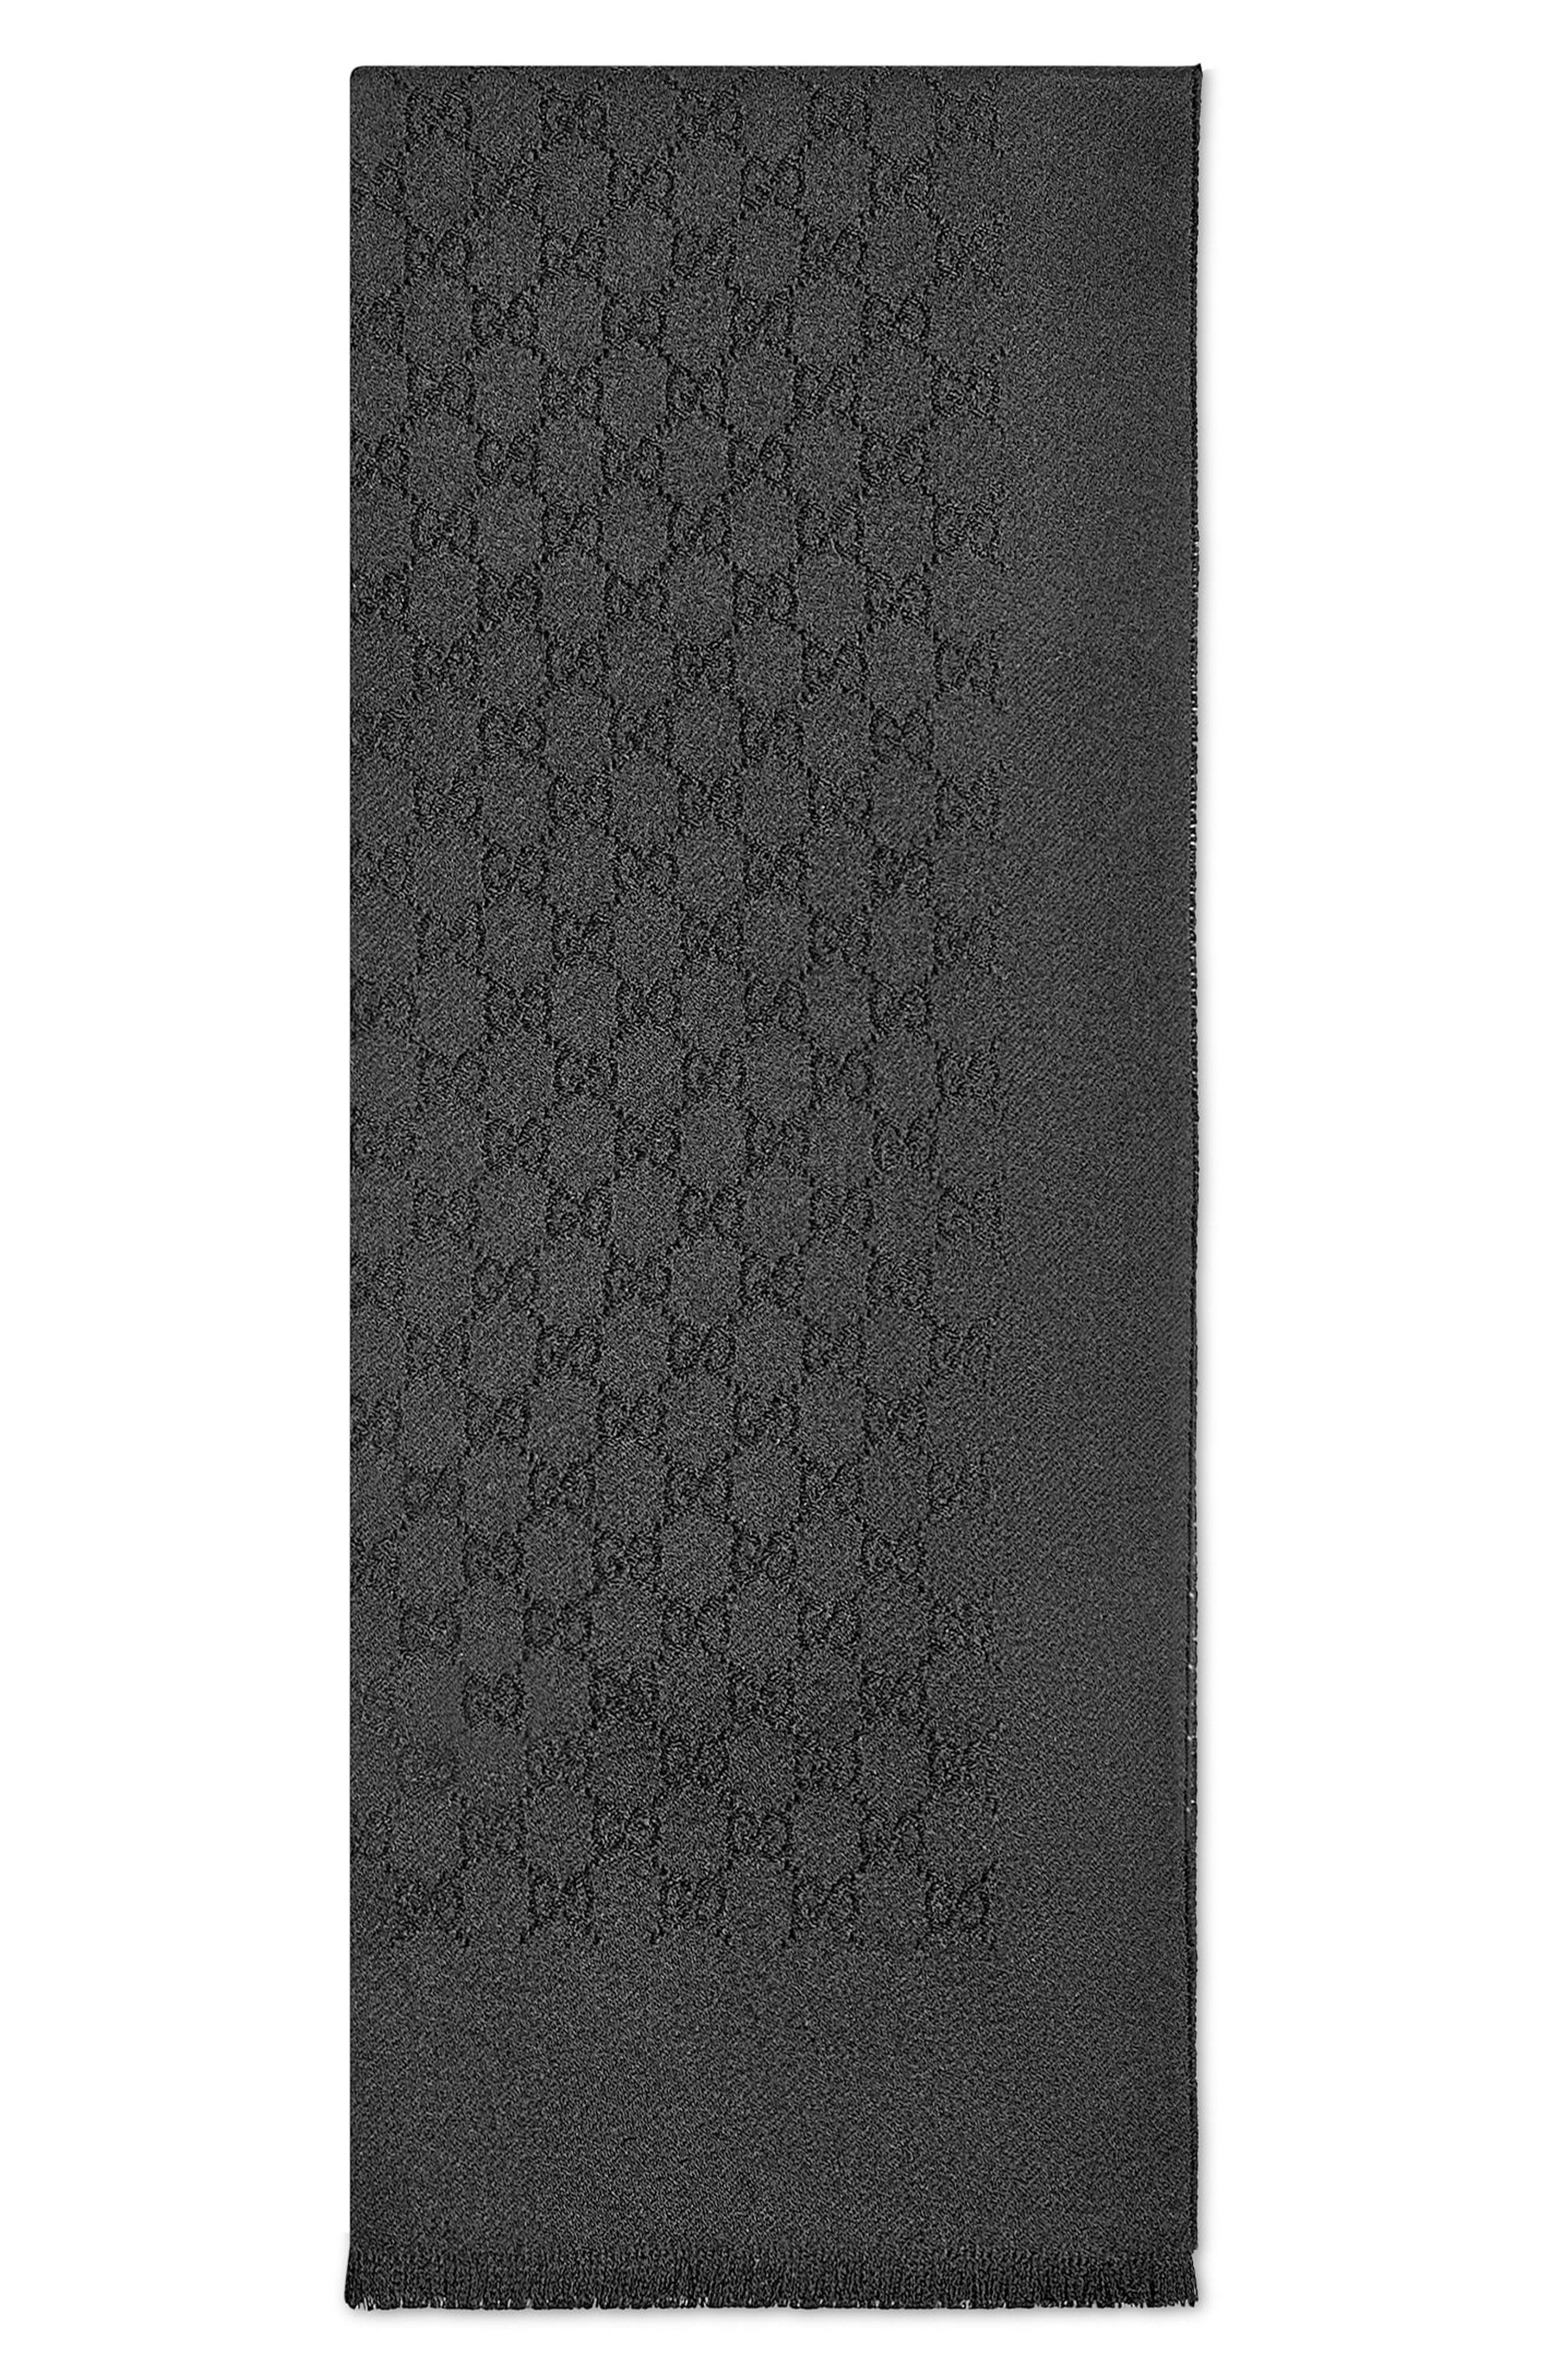 GG Gem Lux Jacquard Cashmere Scarf,                             Main thumbnail 1, color,                             002